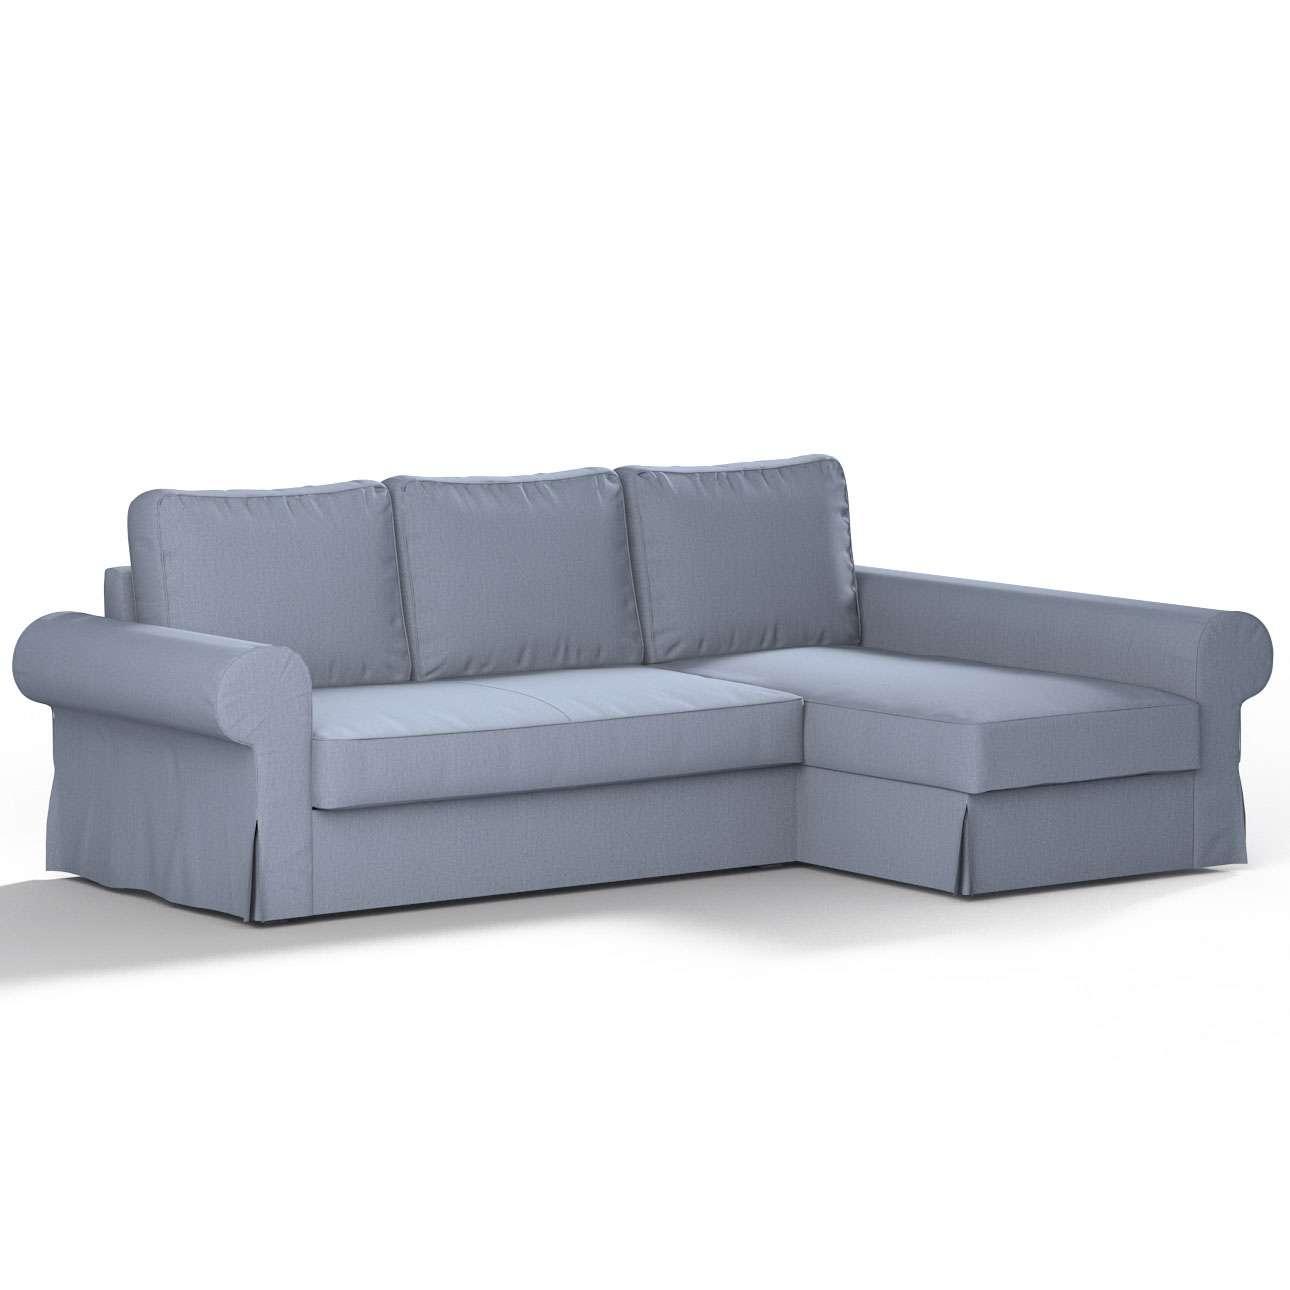 Pokrowiec na sofę Backabro rozkładaną z leżanką sofa Backabro rozkładana z leżanką w kolekcji Chenille, tkanina: 702-13